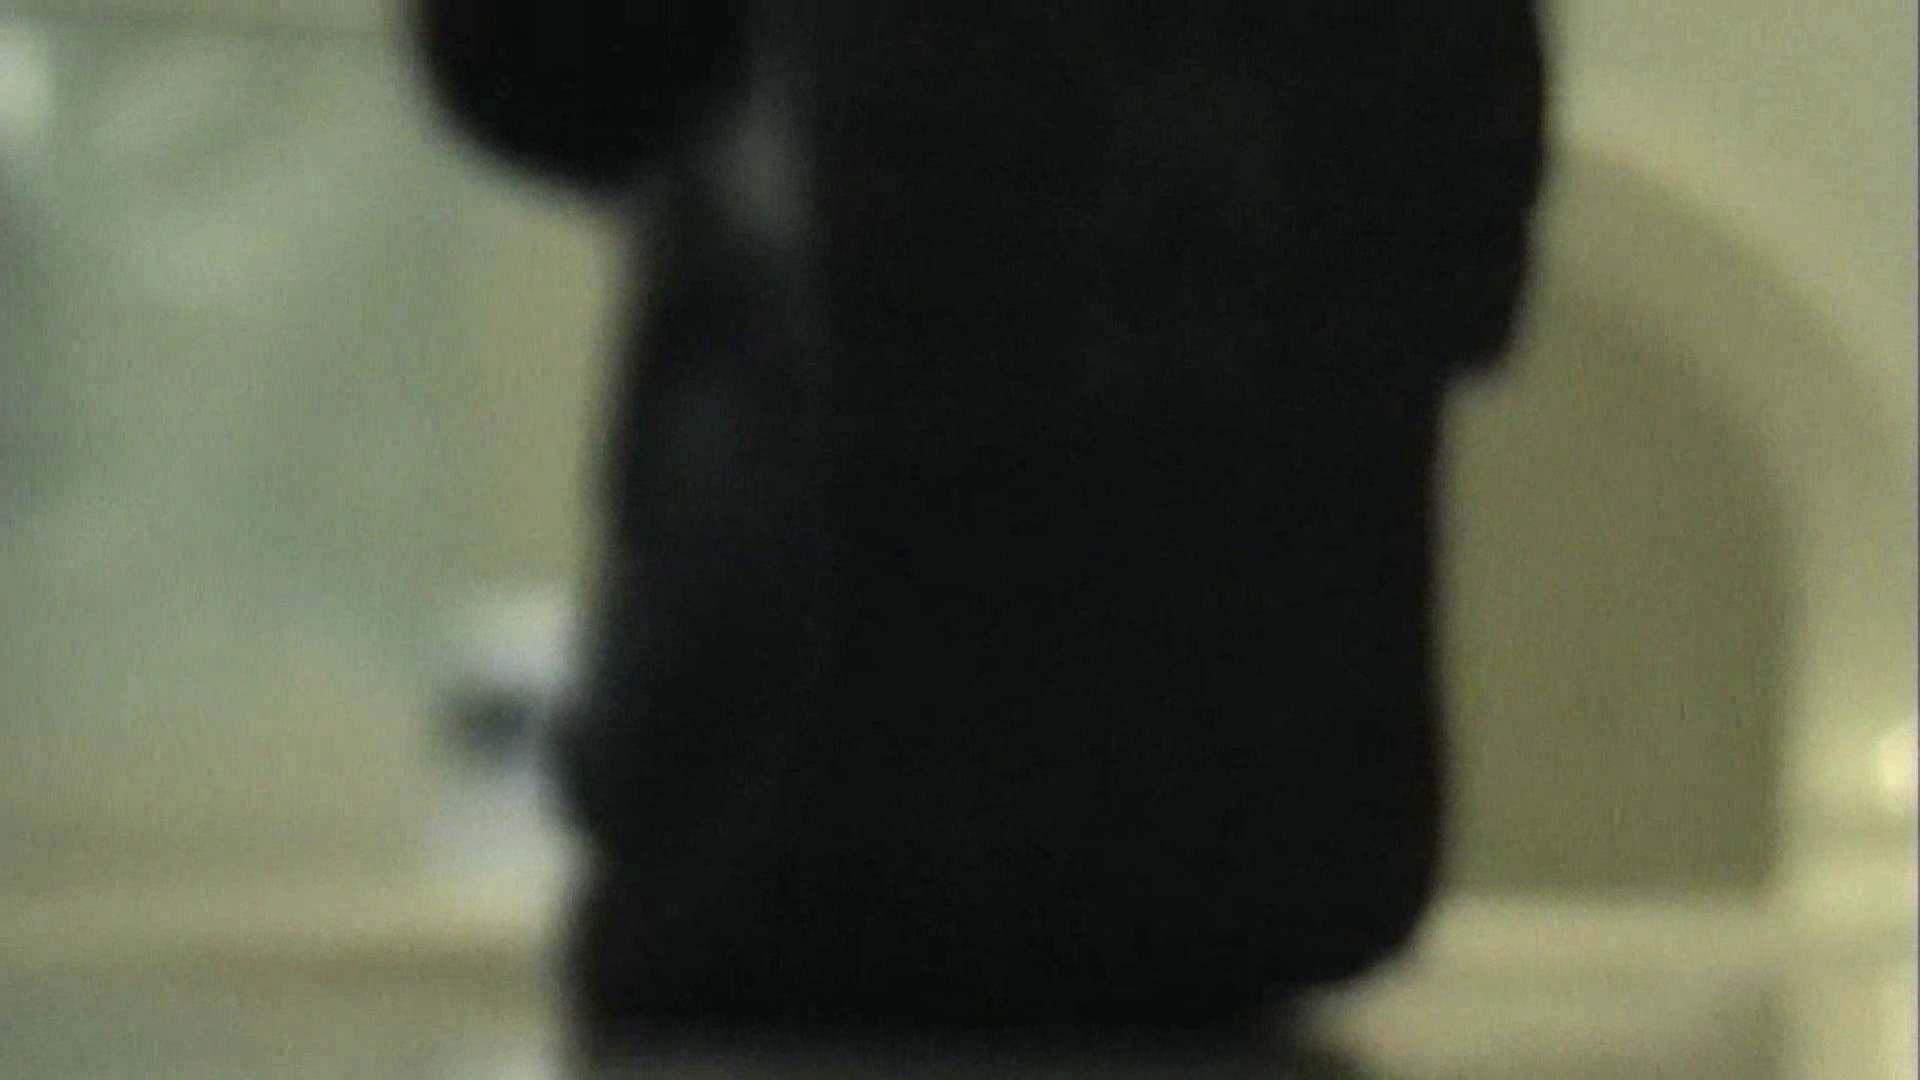 キレカワ女子大生の秘密の洗面所!Vol.010 女子大生H事情 盗み撮り動画キャプチャ 106PIX 6